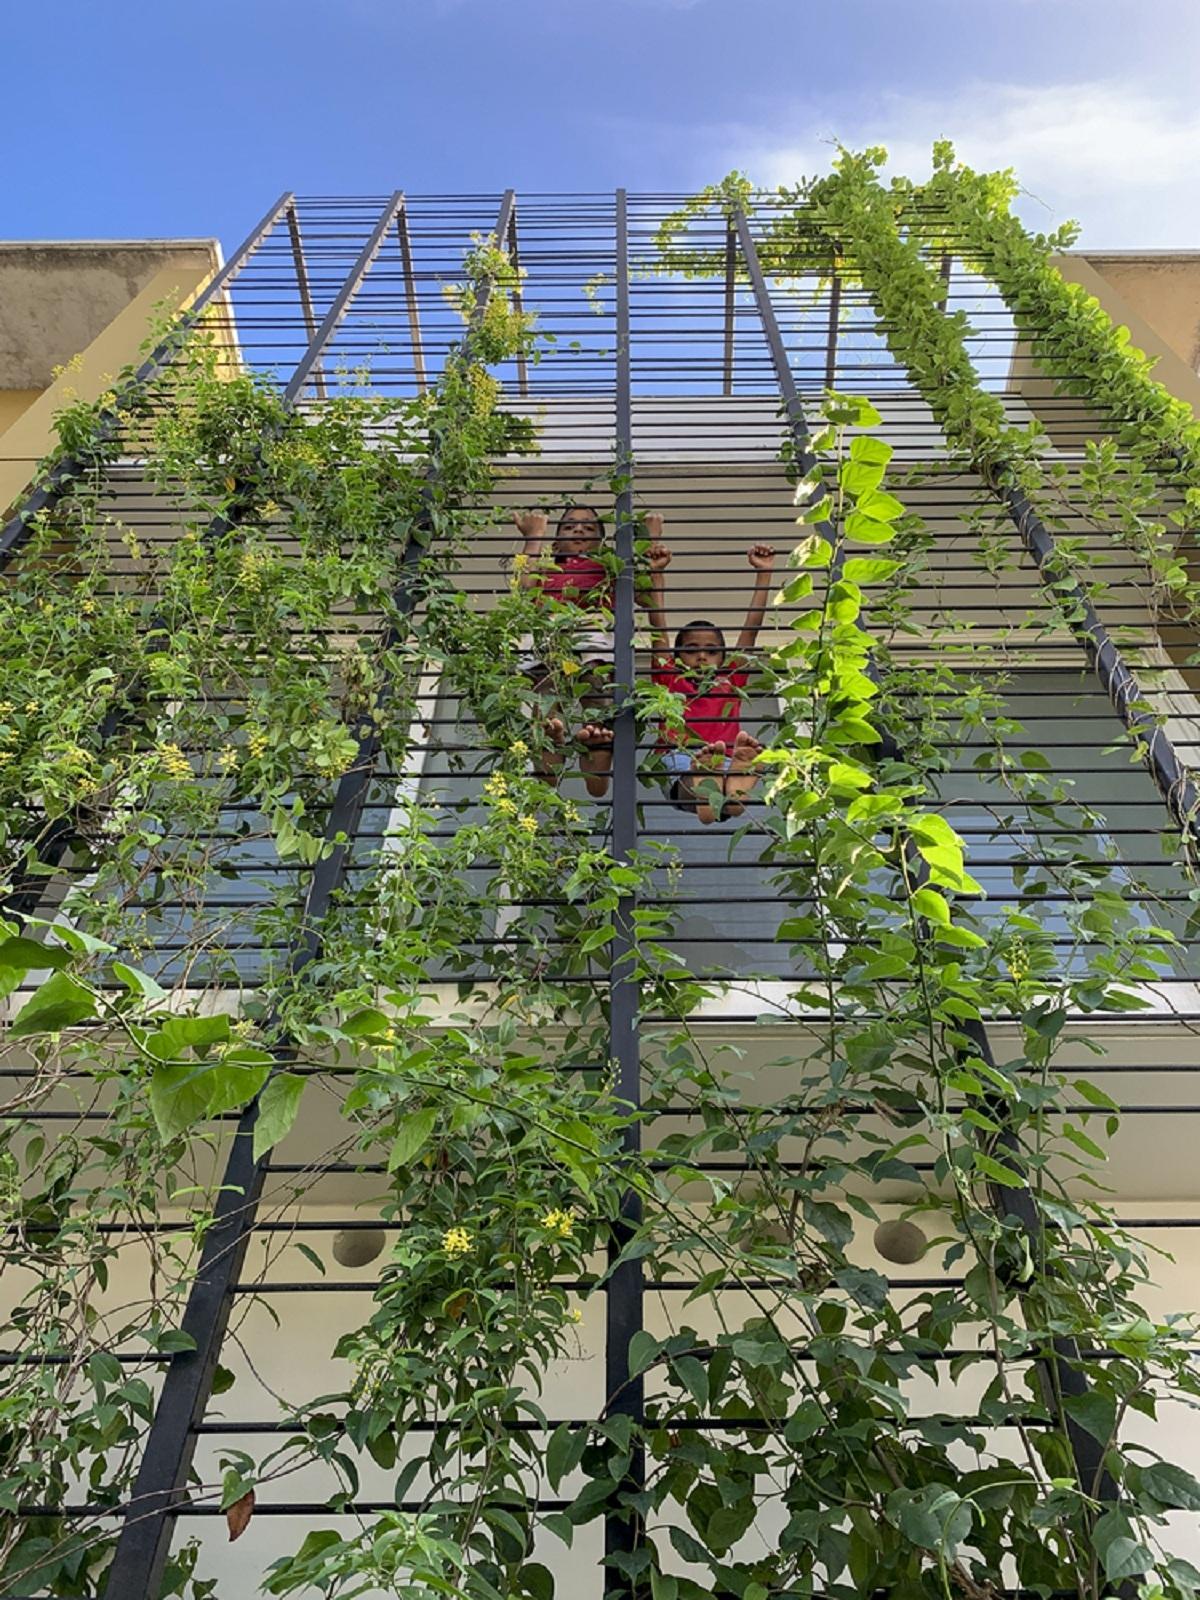 Ngôi nhà tràn ngập cây xanh - Không gian của con người và thiên nhiên